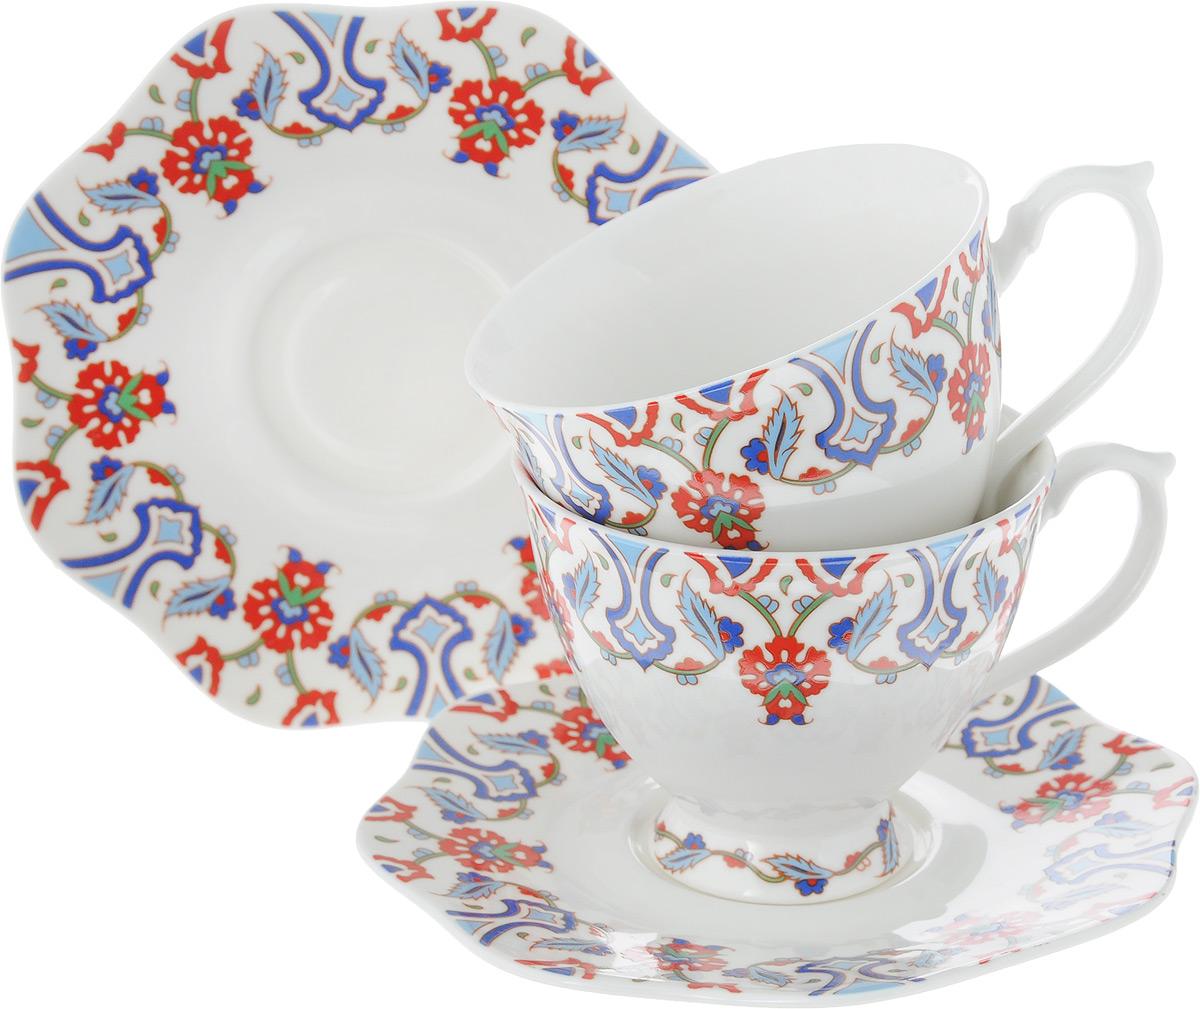 Набор чайный Loraine, 4 предмета. 26618115510Чайный набор Loraine на 2 персоны выполнен из высококачественного костяного фарфора - материала, безопасного для здоровья и надолго сохраняющего тепло напитка. В наборе 2 чашки и 2 блюдца. Несмотря на свою внешнюю хрупкость, каждый из предметов набора обладает высокой прочностью и надежностью. Изделия дополнены ярким красивым узором. Оригинальный дизайн сделает этот набор изысканным украшением любого стола. Набор упакован в подарочную коробку в форме сердца, поэтому его можно преподнести в качестве оригинального и практичного подарка для родных и близких. Объем чашки: 180 мл. Диаметр чашки (по верхнему краю): 8 см. Высота чашки: 7 см. Диаметр блюдца: 14 см.